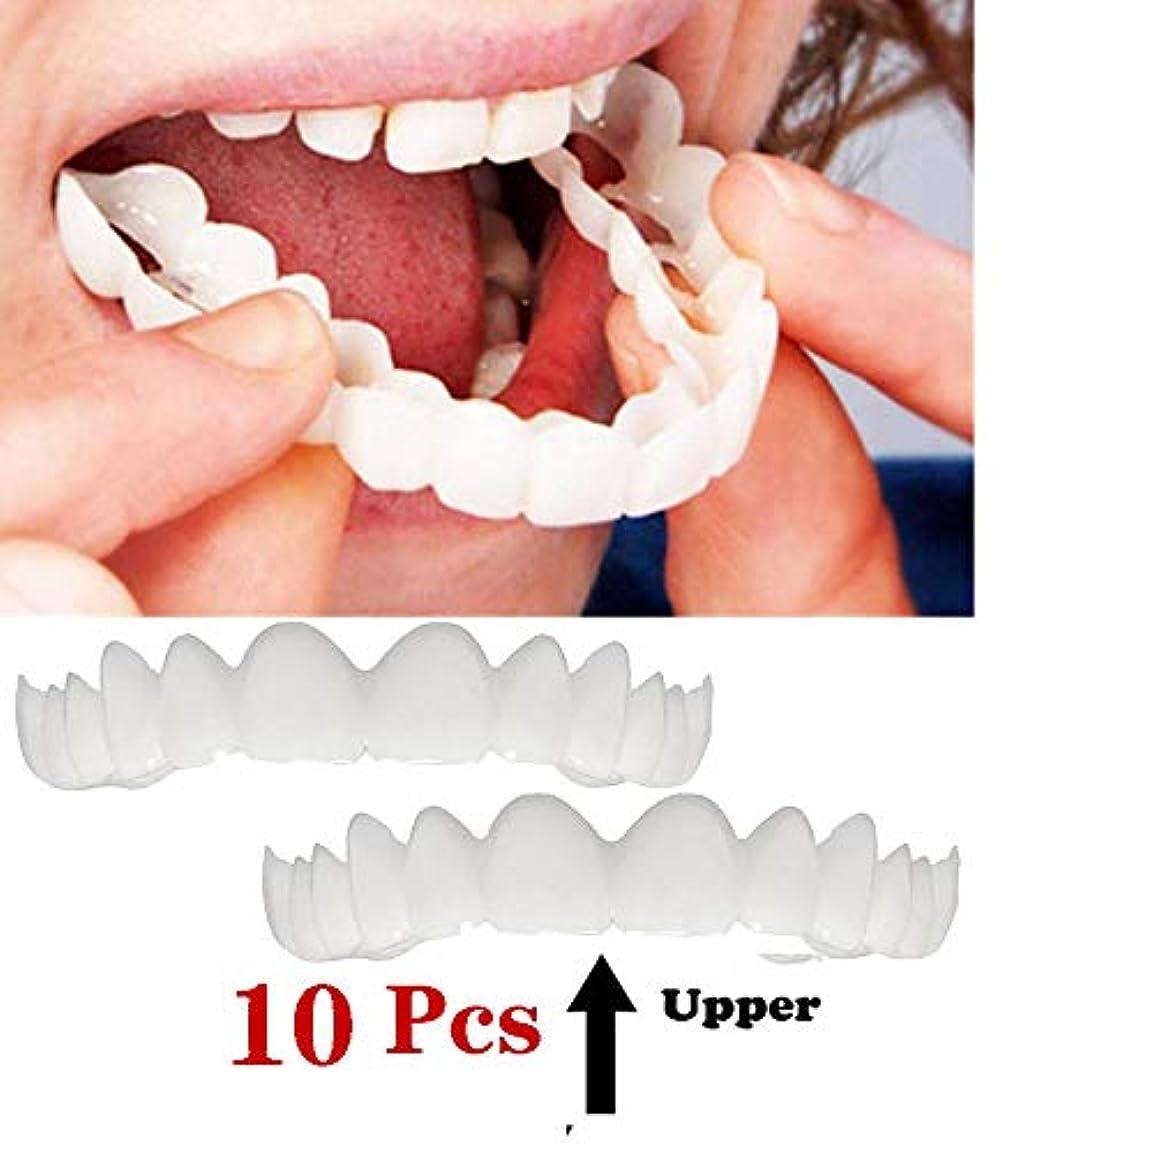 シャツ在庫ダムシリコンベニヤティース偽の歯パーフェクトスマイルベニヤ在庫あり矯正偽義歯不良歯ベニヤ歯ホワイトニング-10個